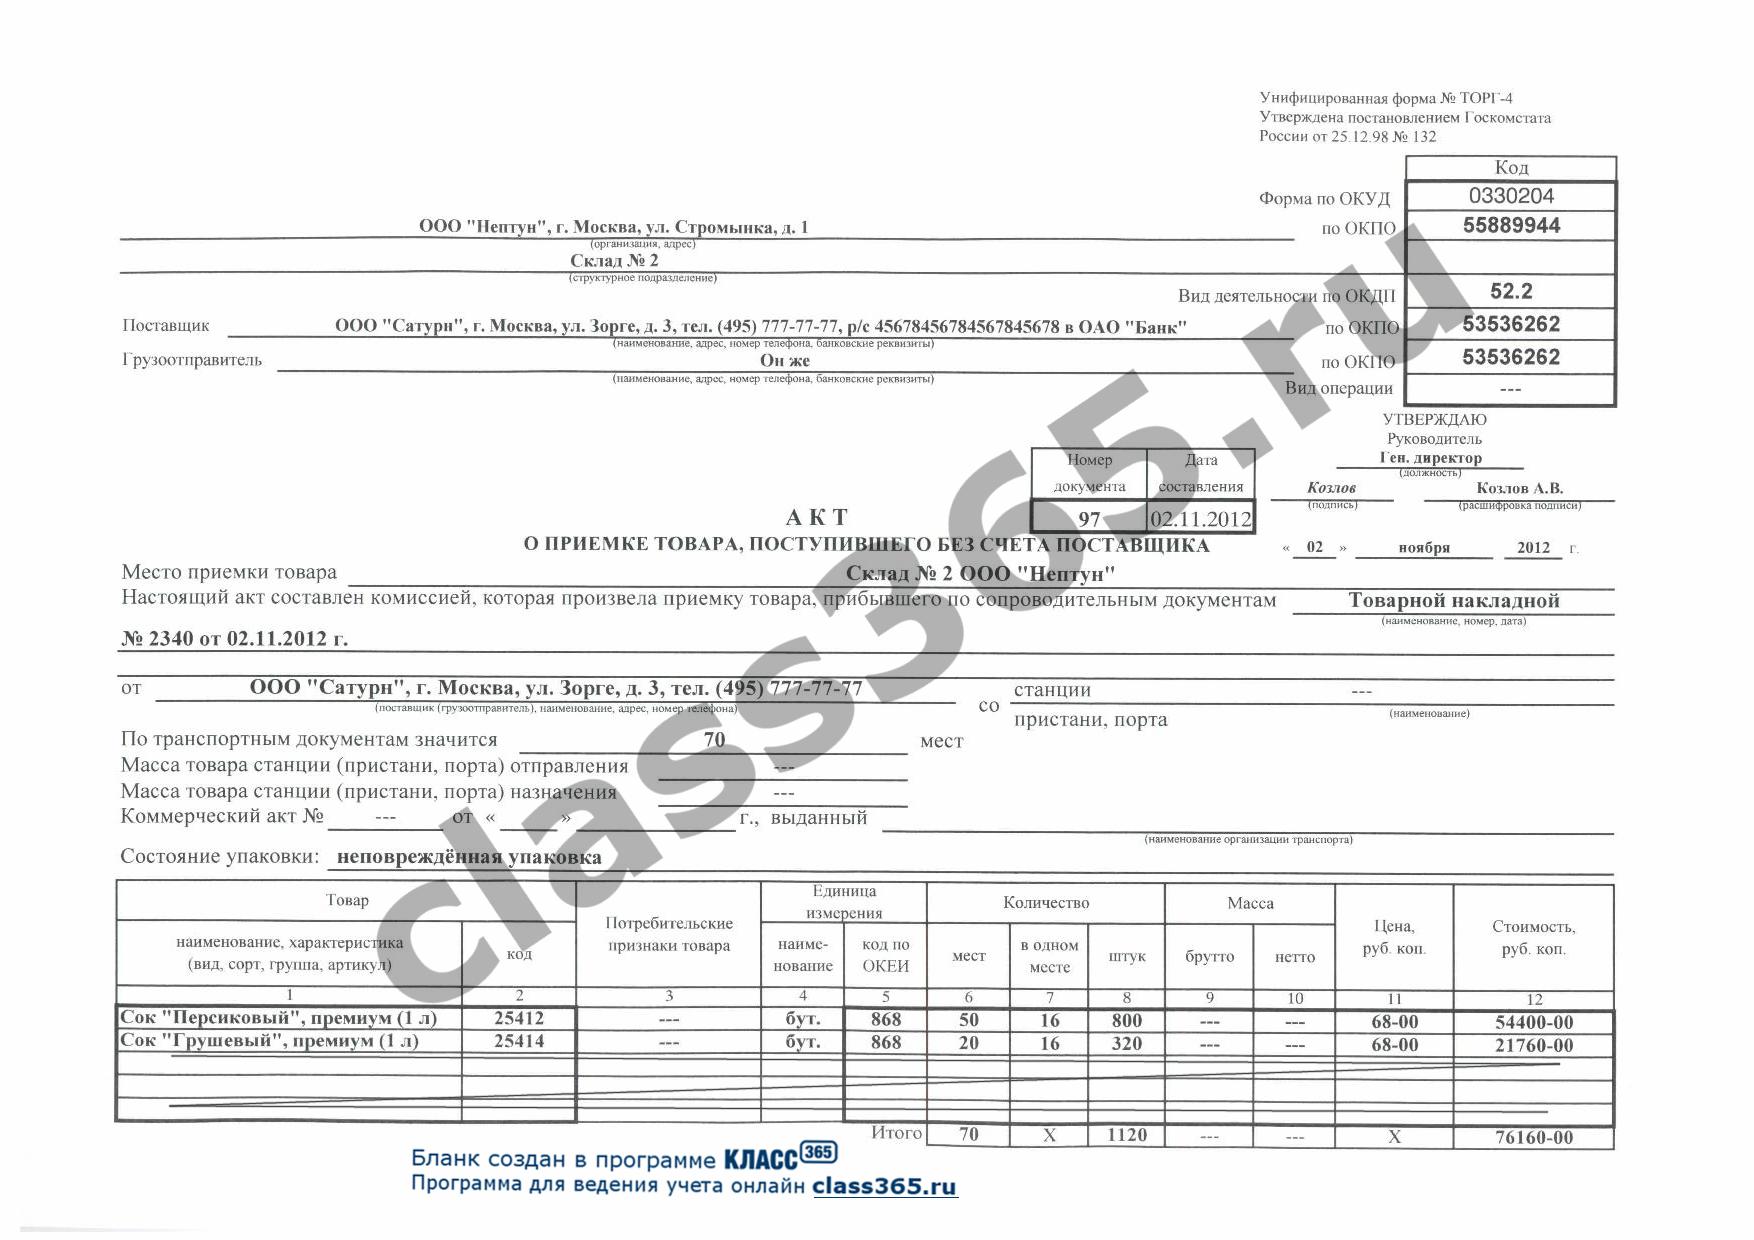 образец акта об расхождении товара при приеме